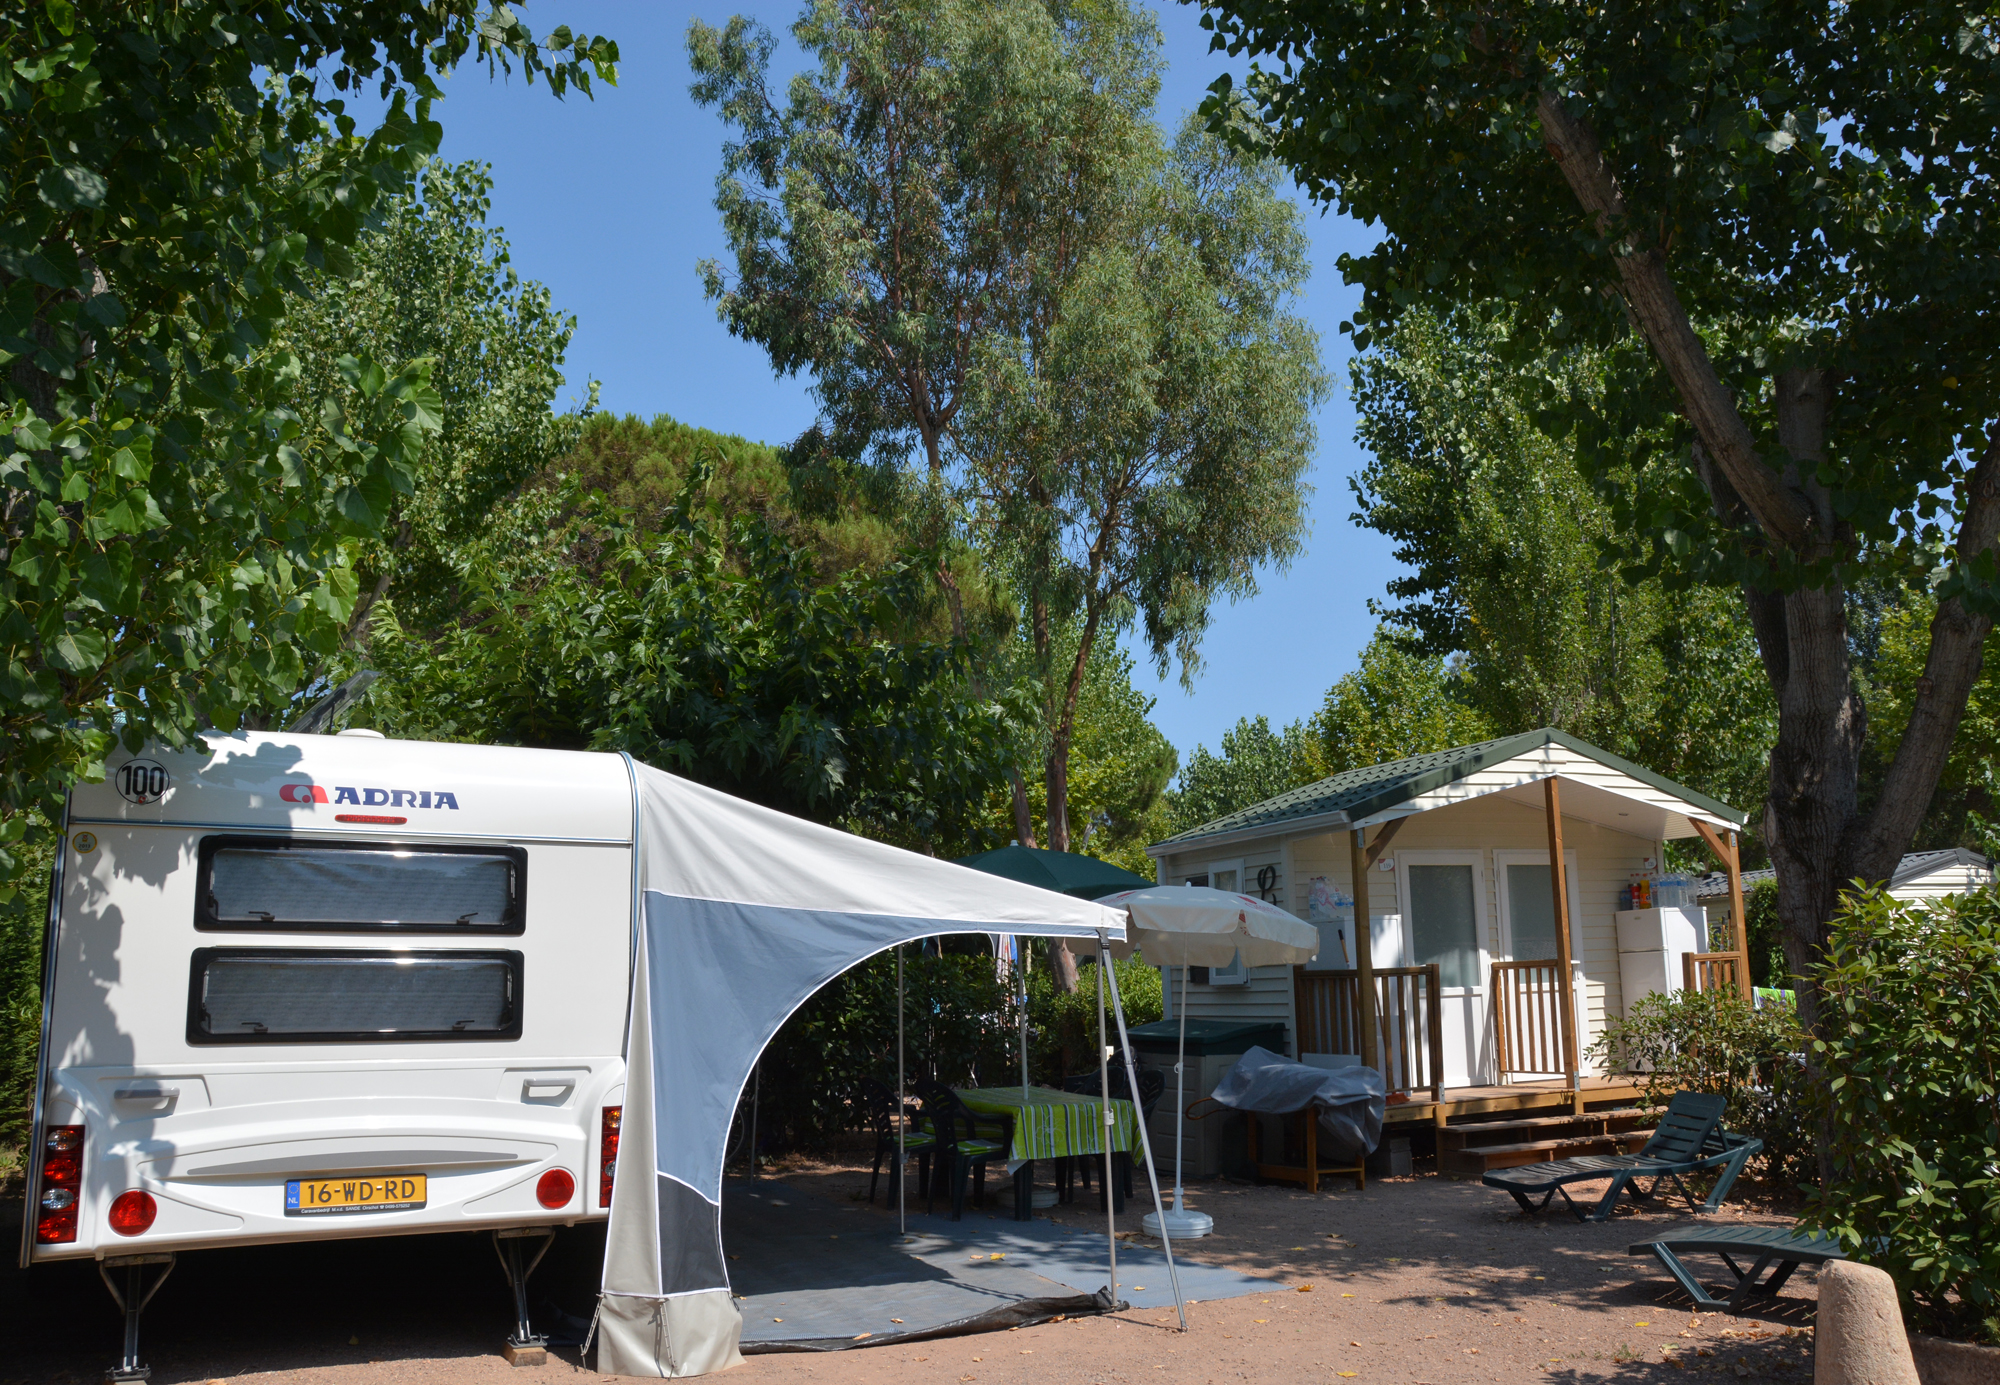 camping 5 douce quietude saint rapha l s jour pas cher. Black Bedroom Furniture Sets. Home Design Ideas